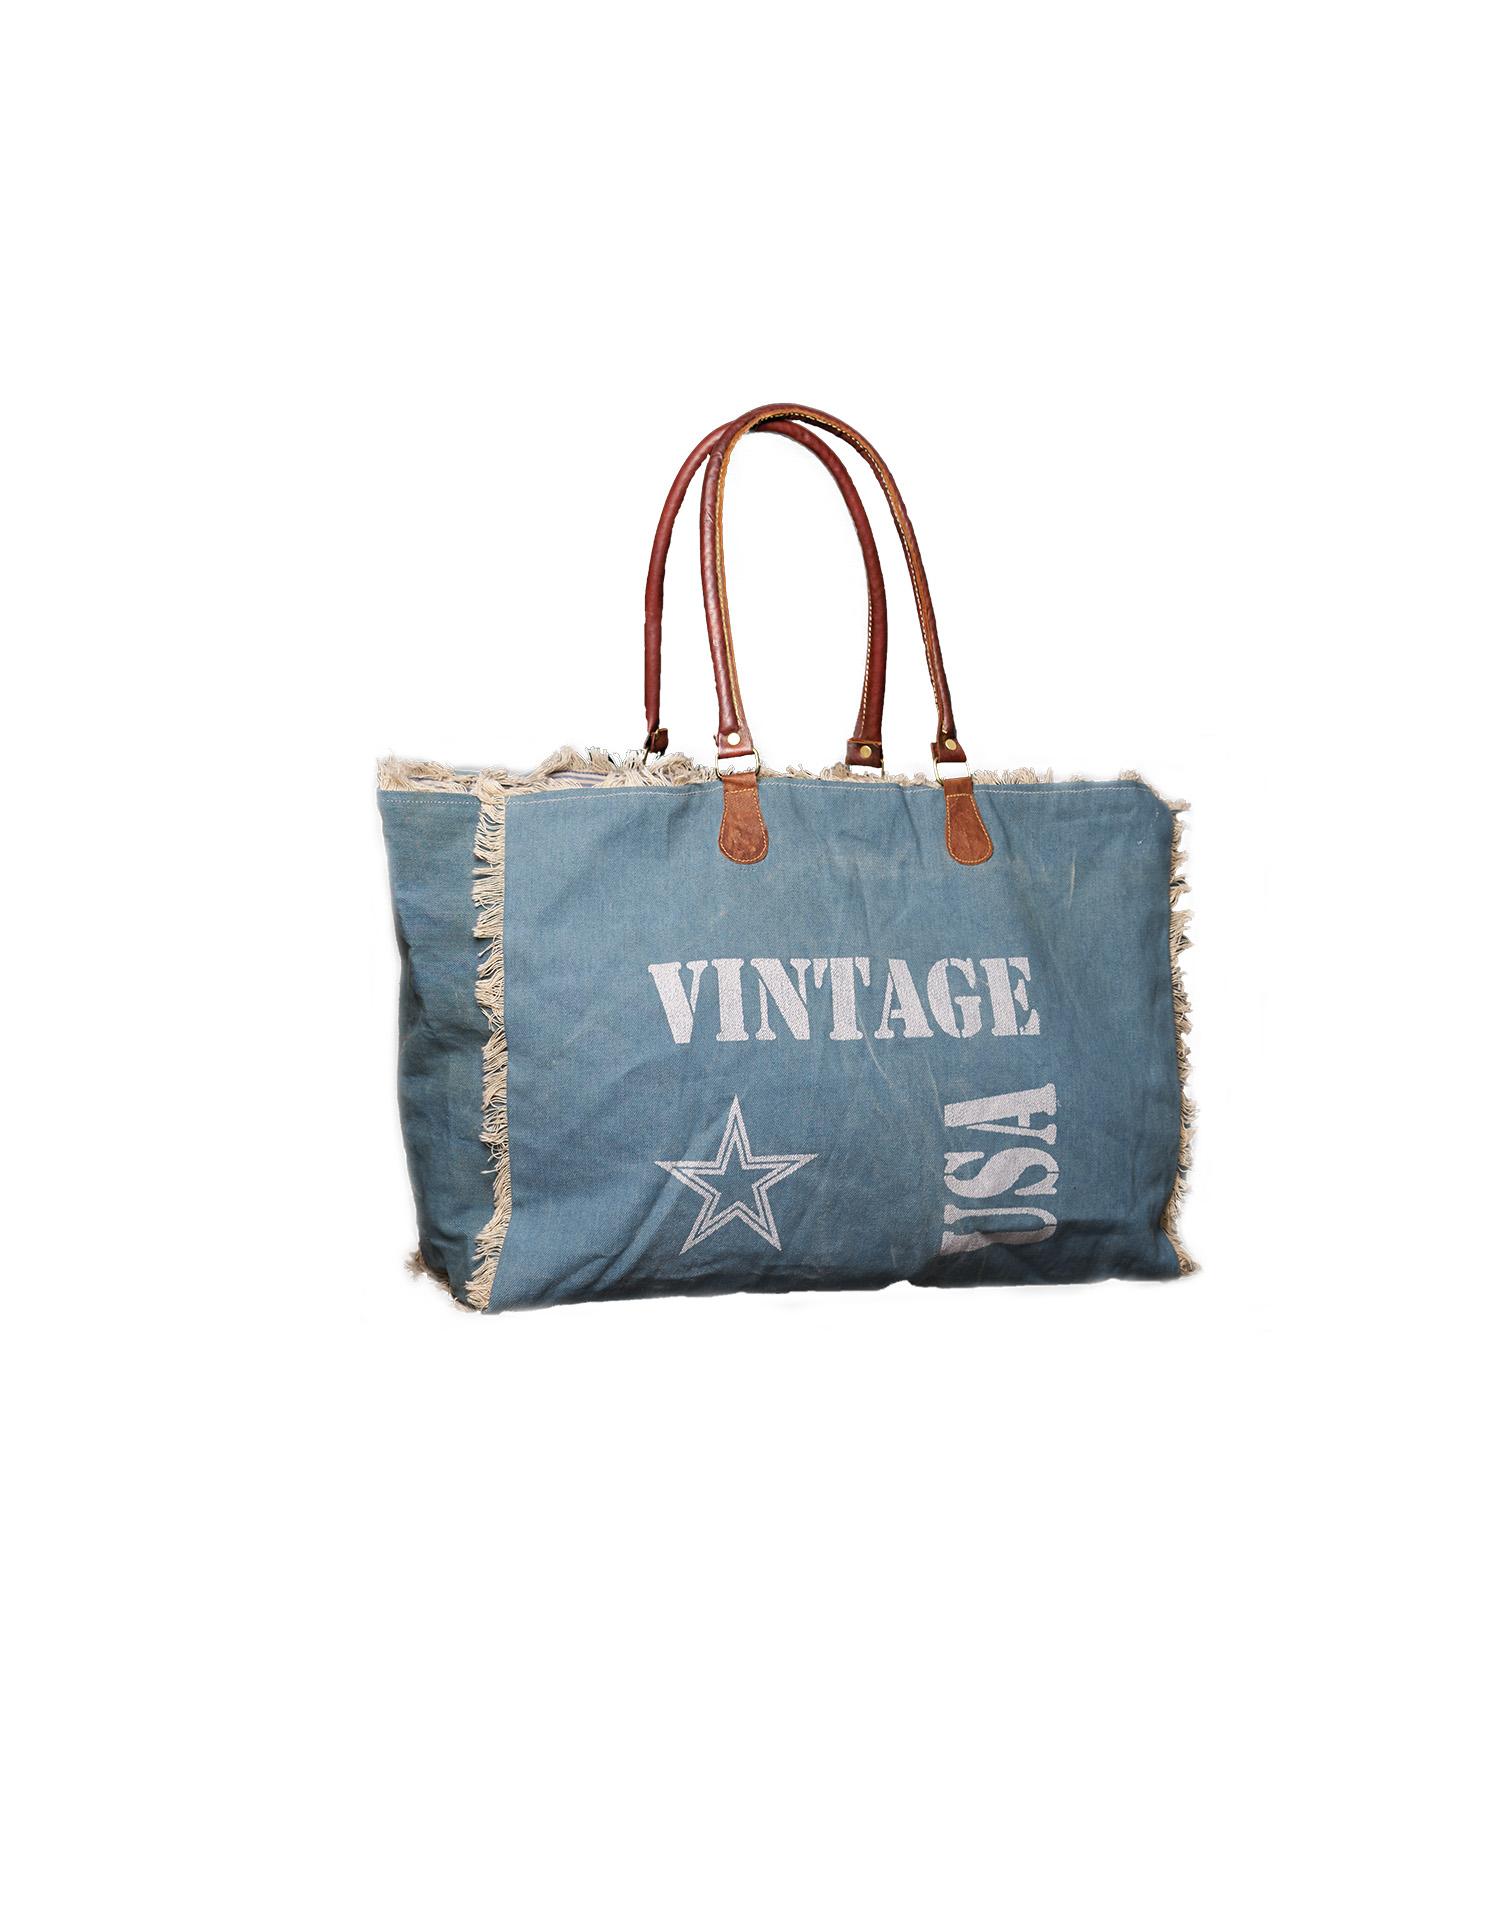 Balkonmobel Rattan Sofa : Coole Bags & Taschen für Shopping, Beach und Freizeit  teaklandch